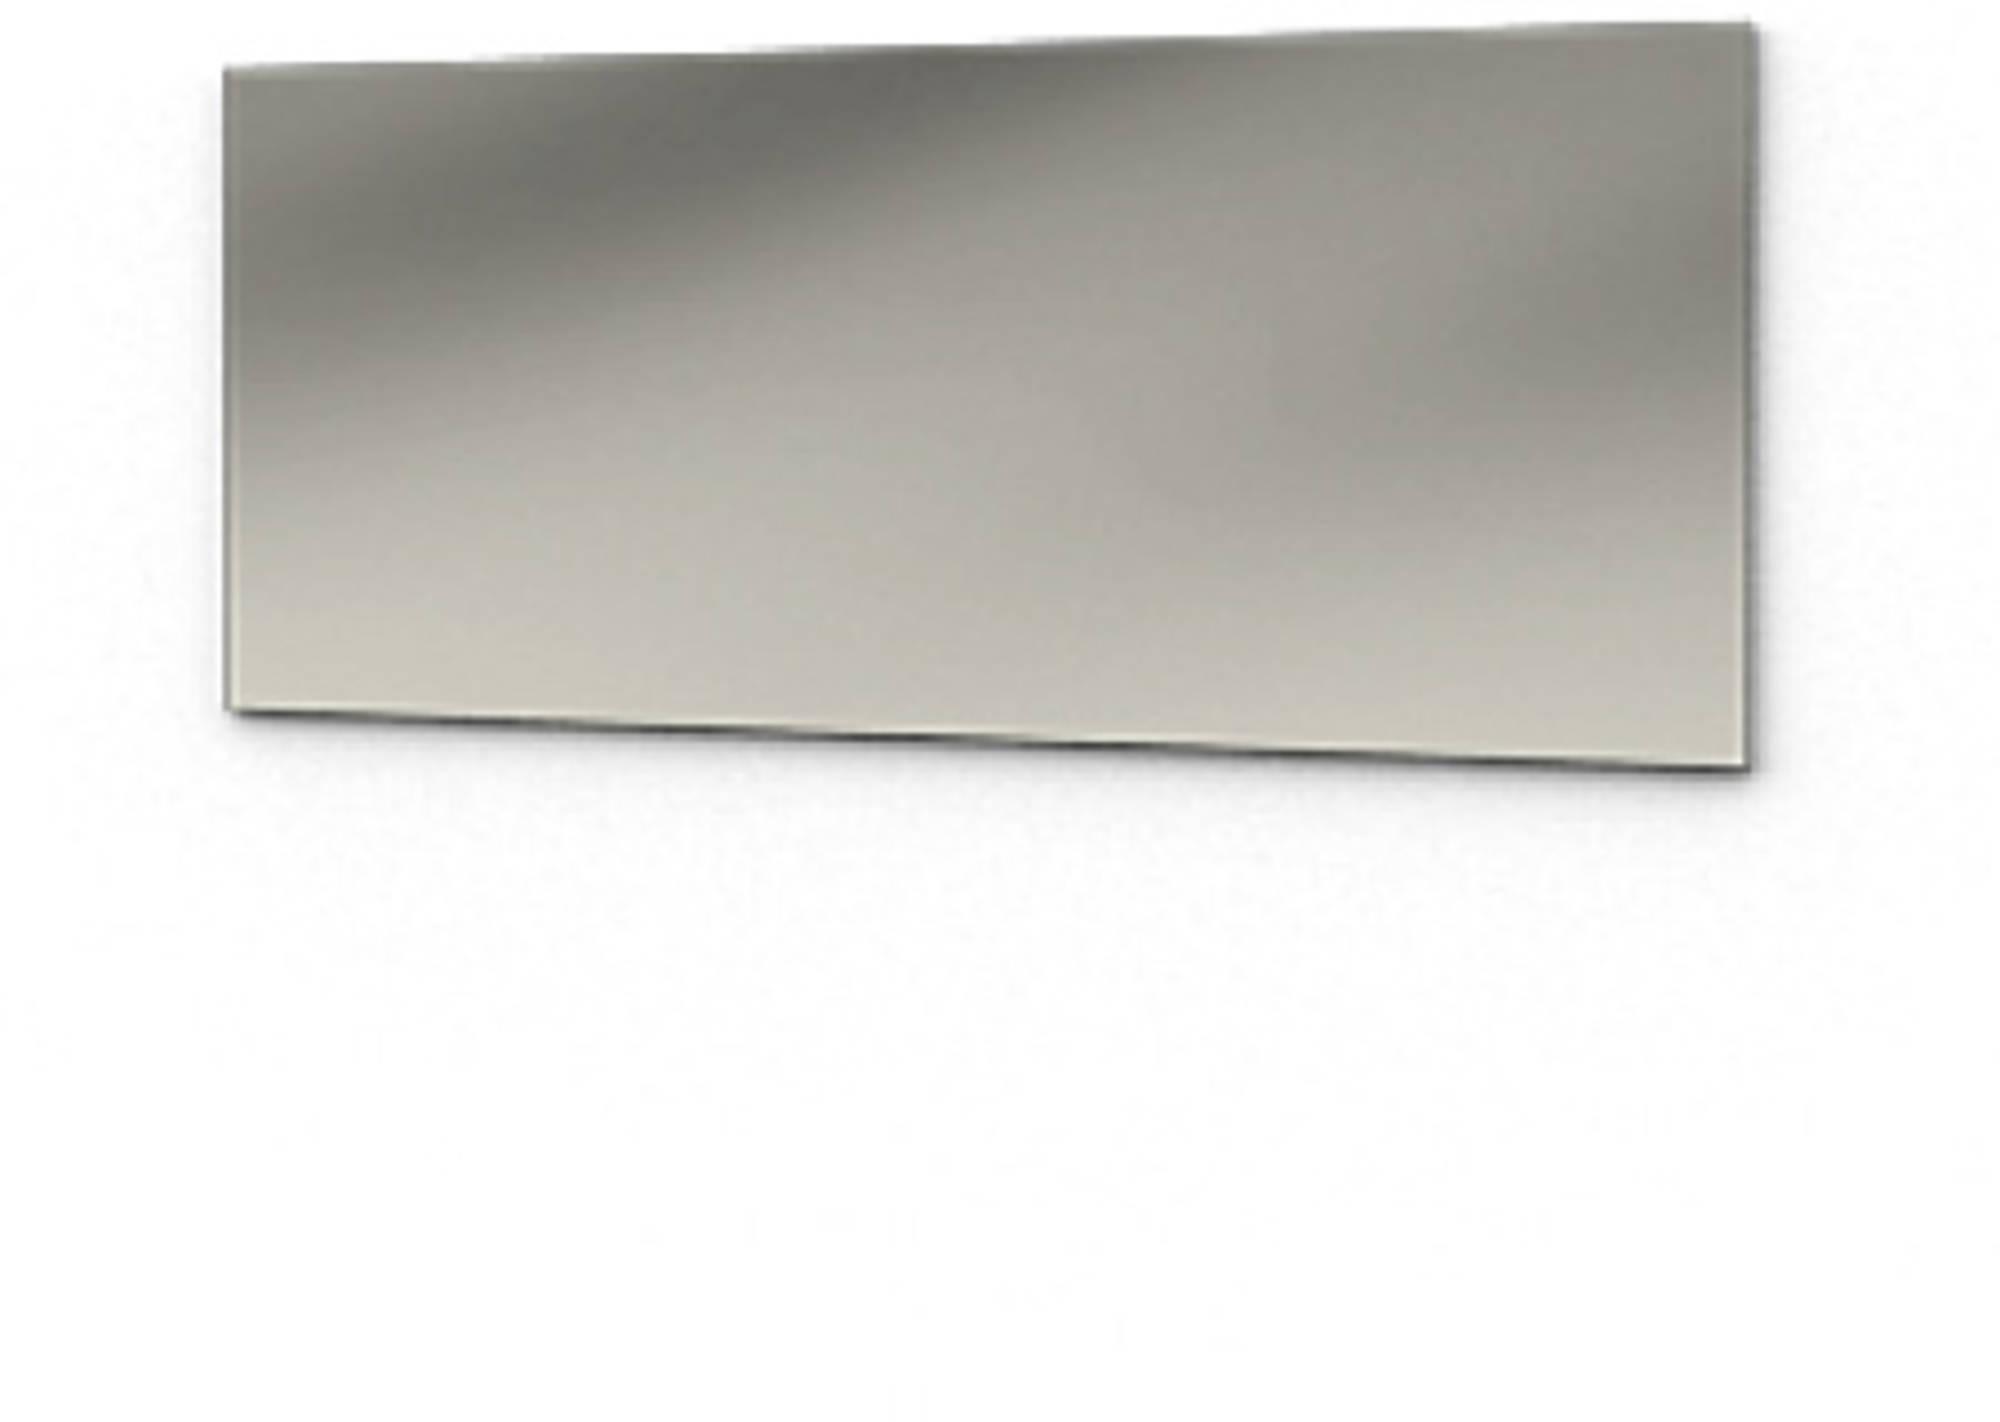 Ben Mirano Spiegel rondom Geslepen met blinde ophang 220,1-240x130,1-150 cm